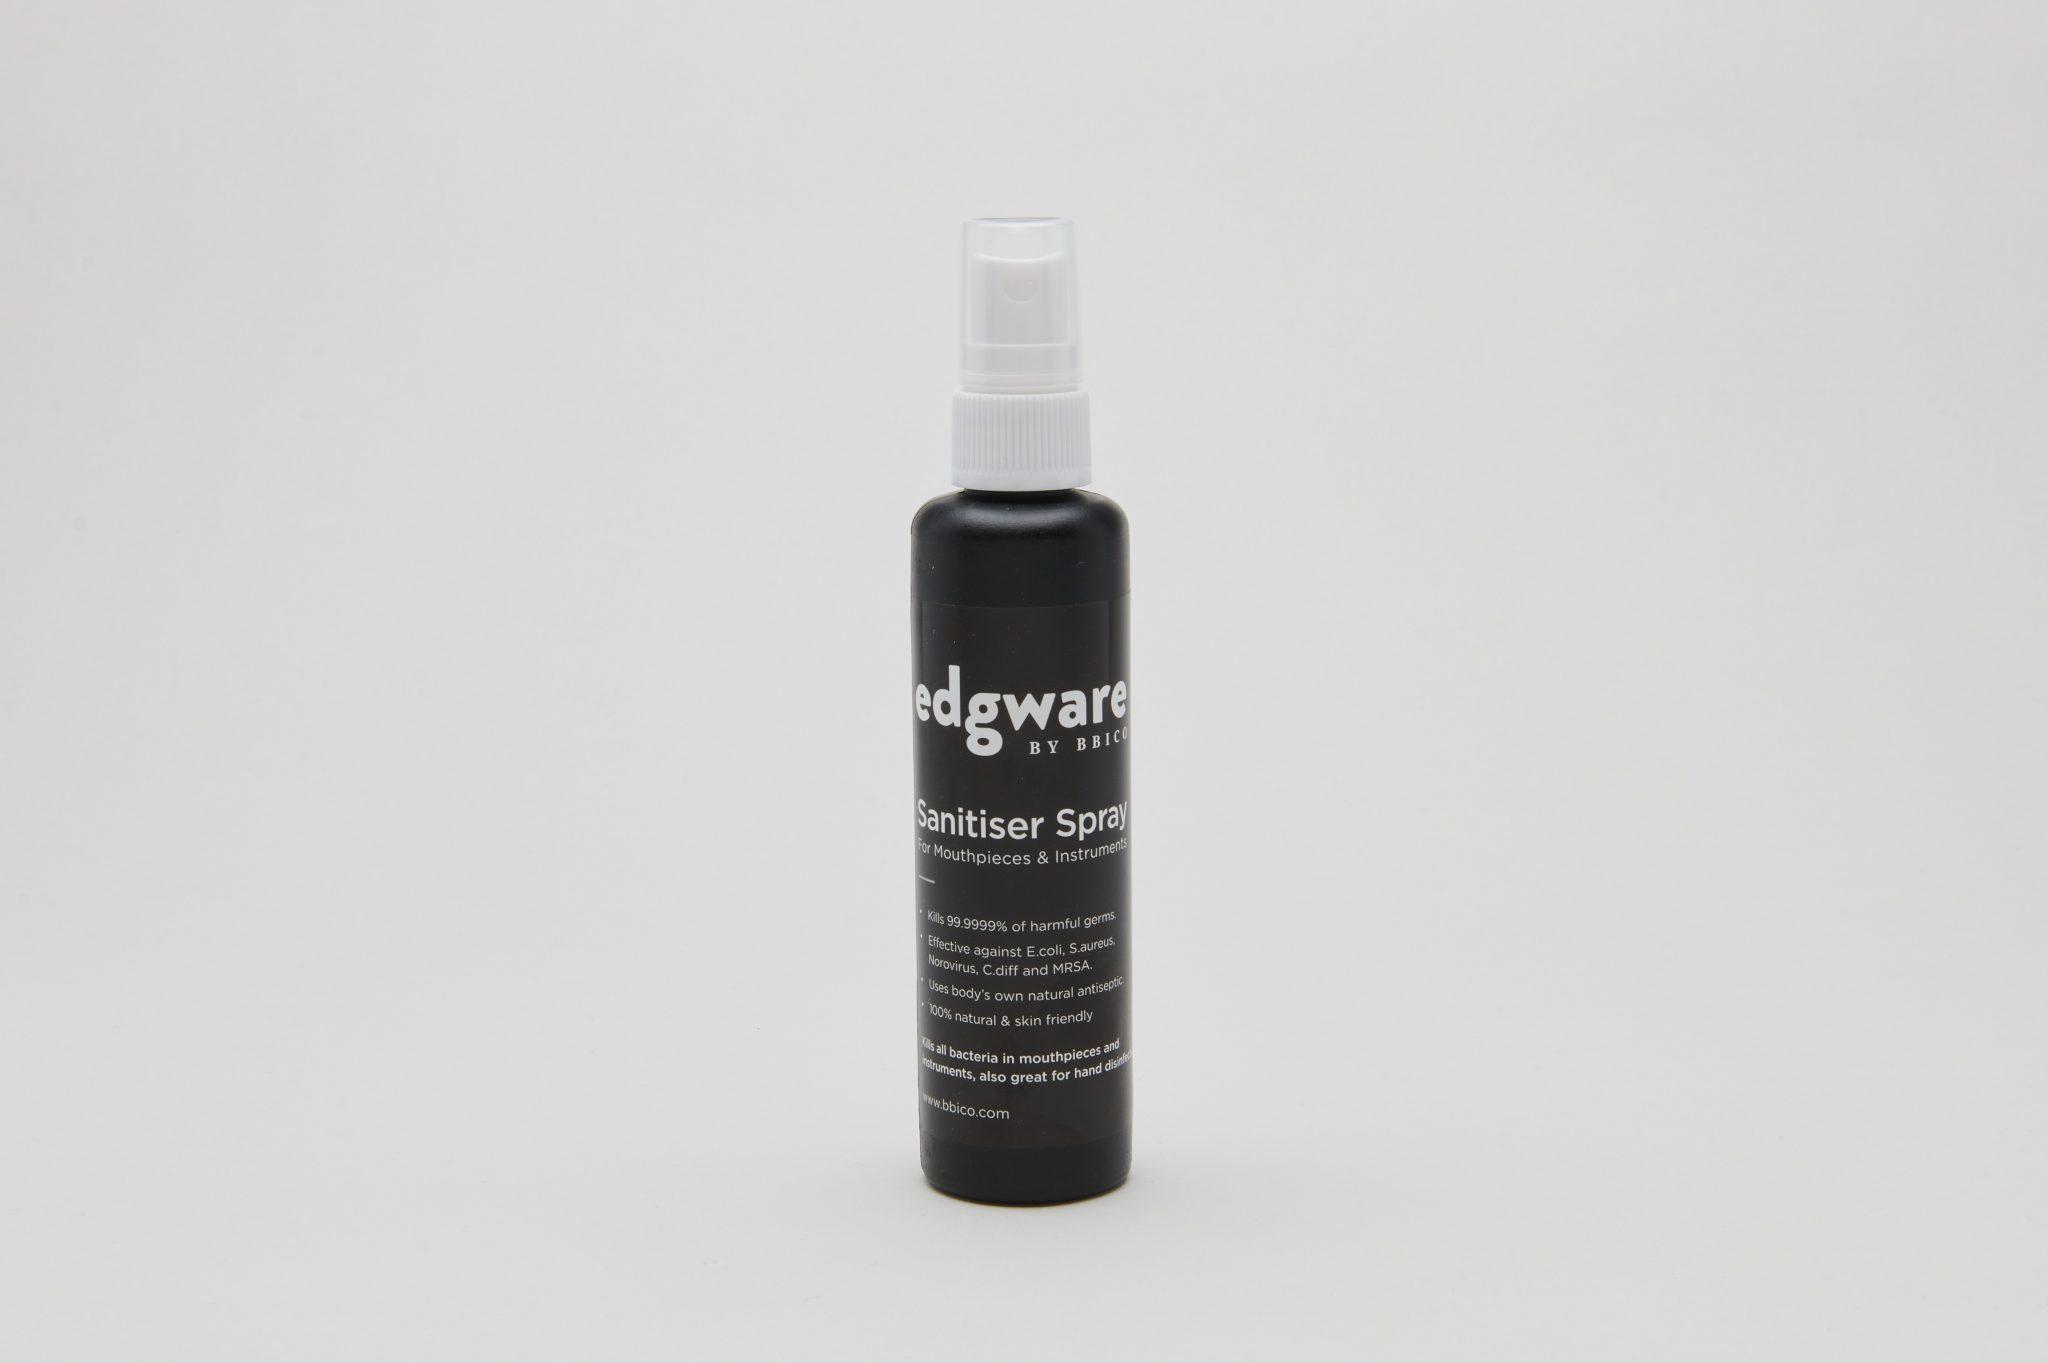 Edgware Sanitiser Spray